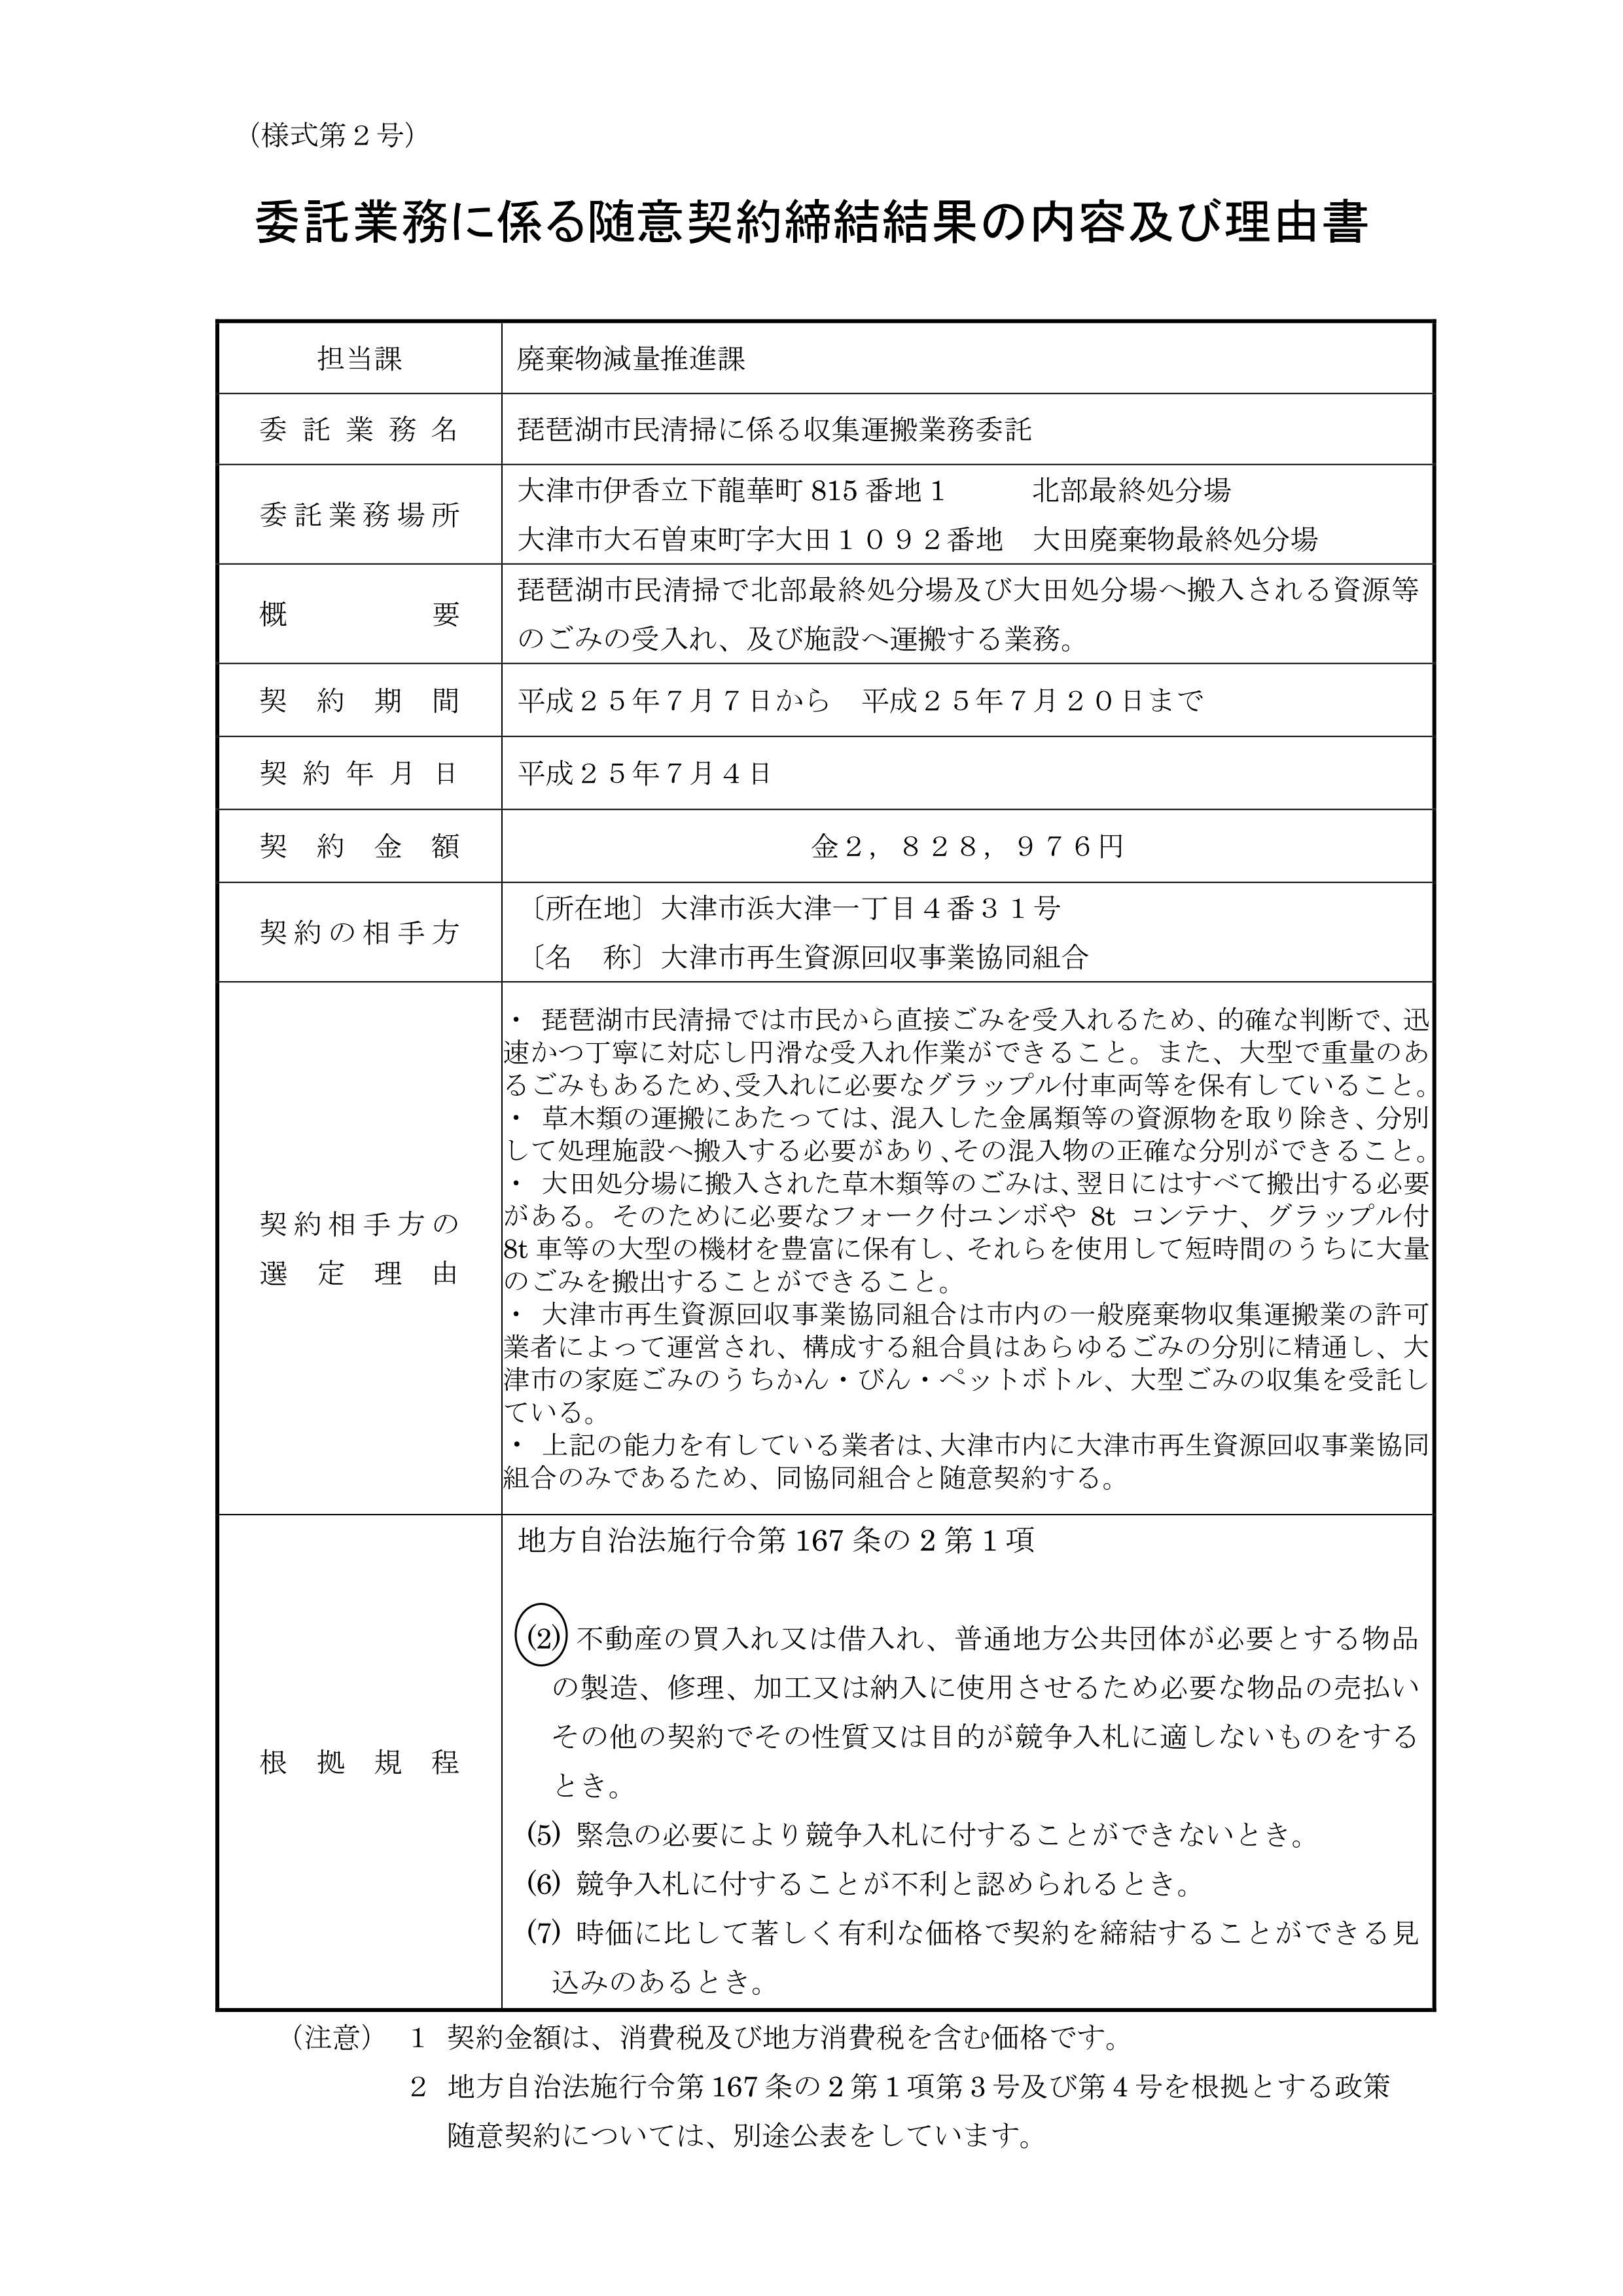 H25年委託契約